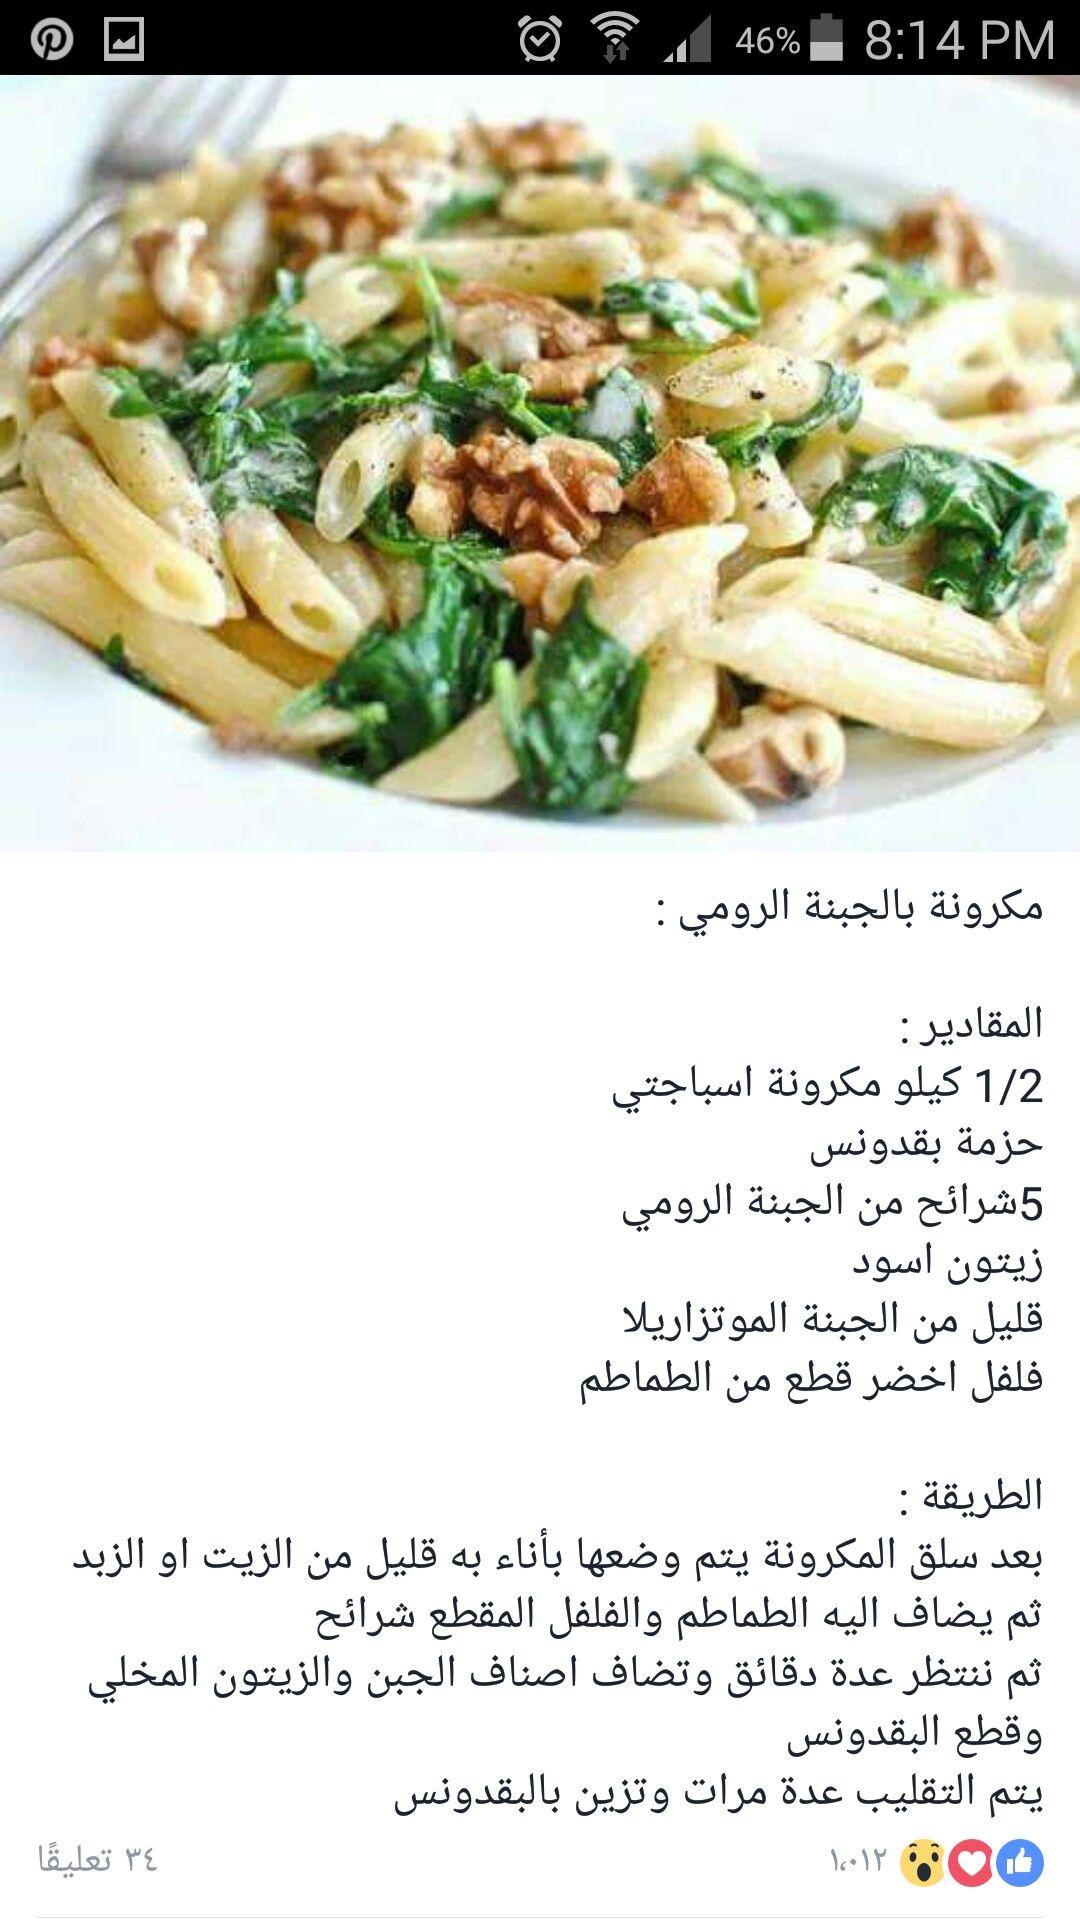 مكرونة بالجبنة الرومى Food Tasting Food Receipes Food